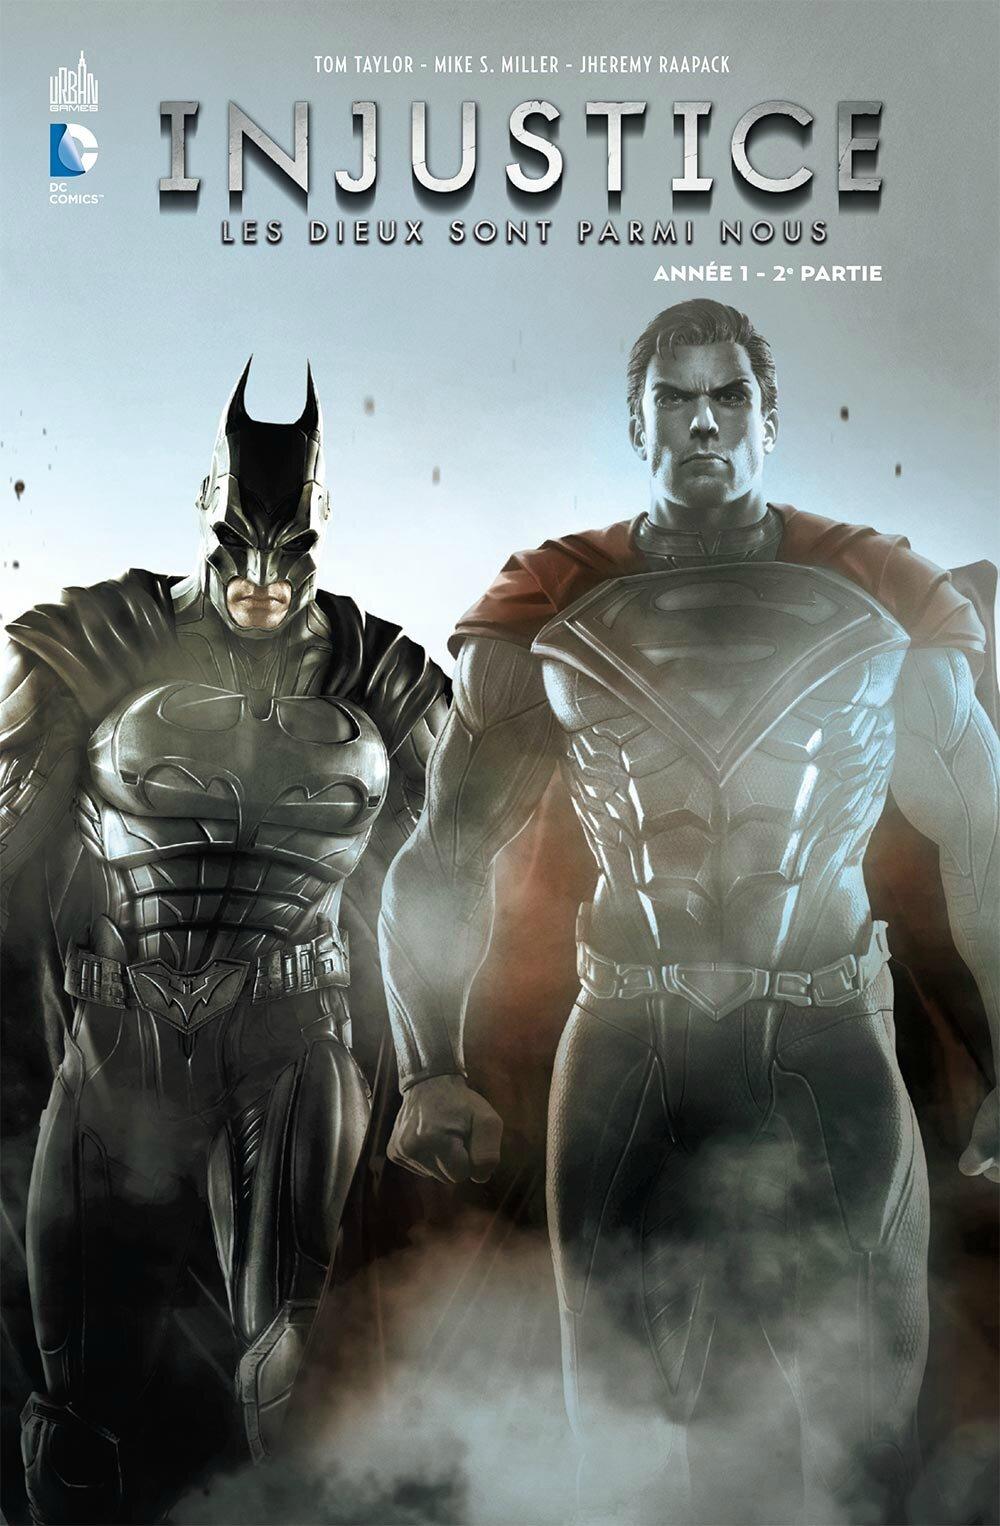 Urban Comics : Injustice, les dieux sont parmi nous